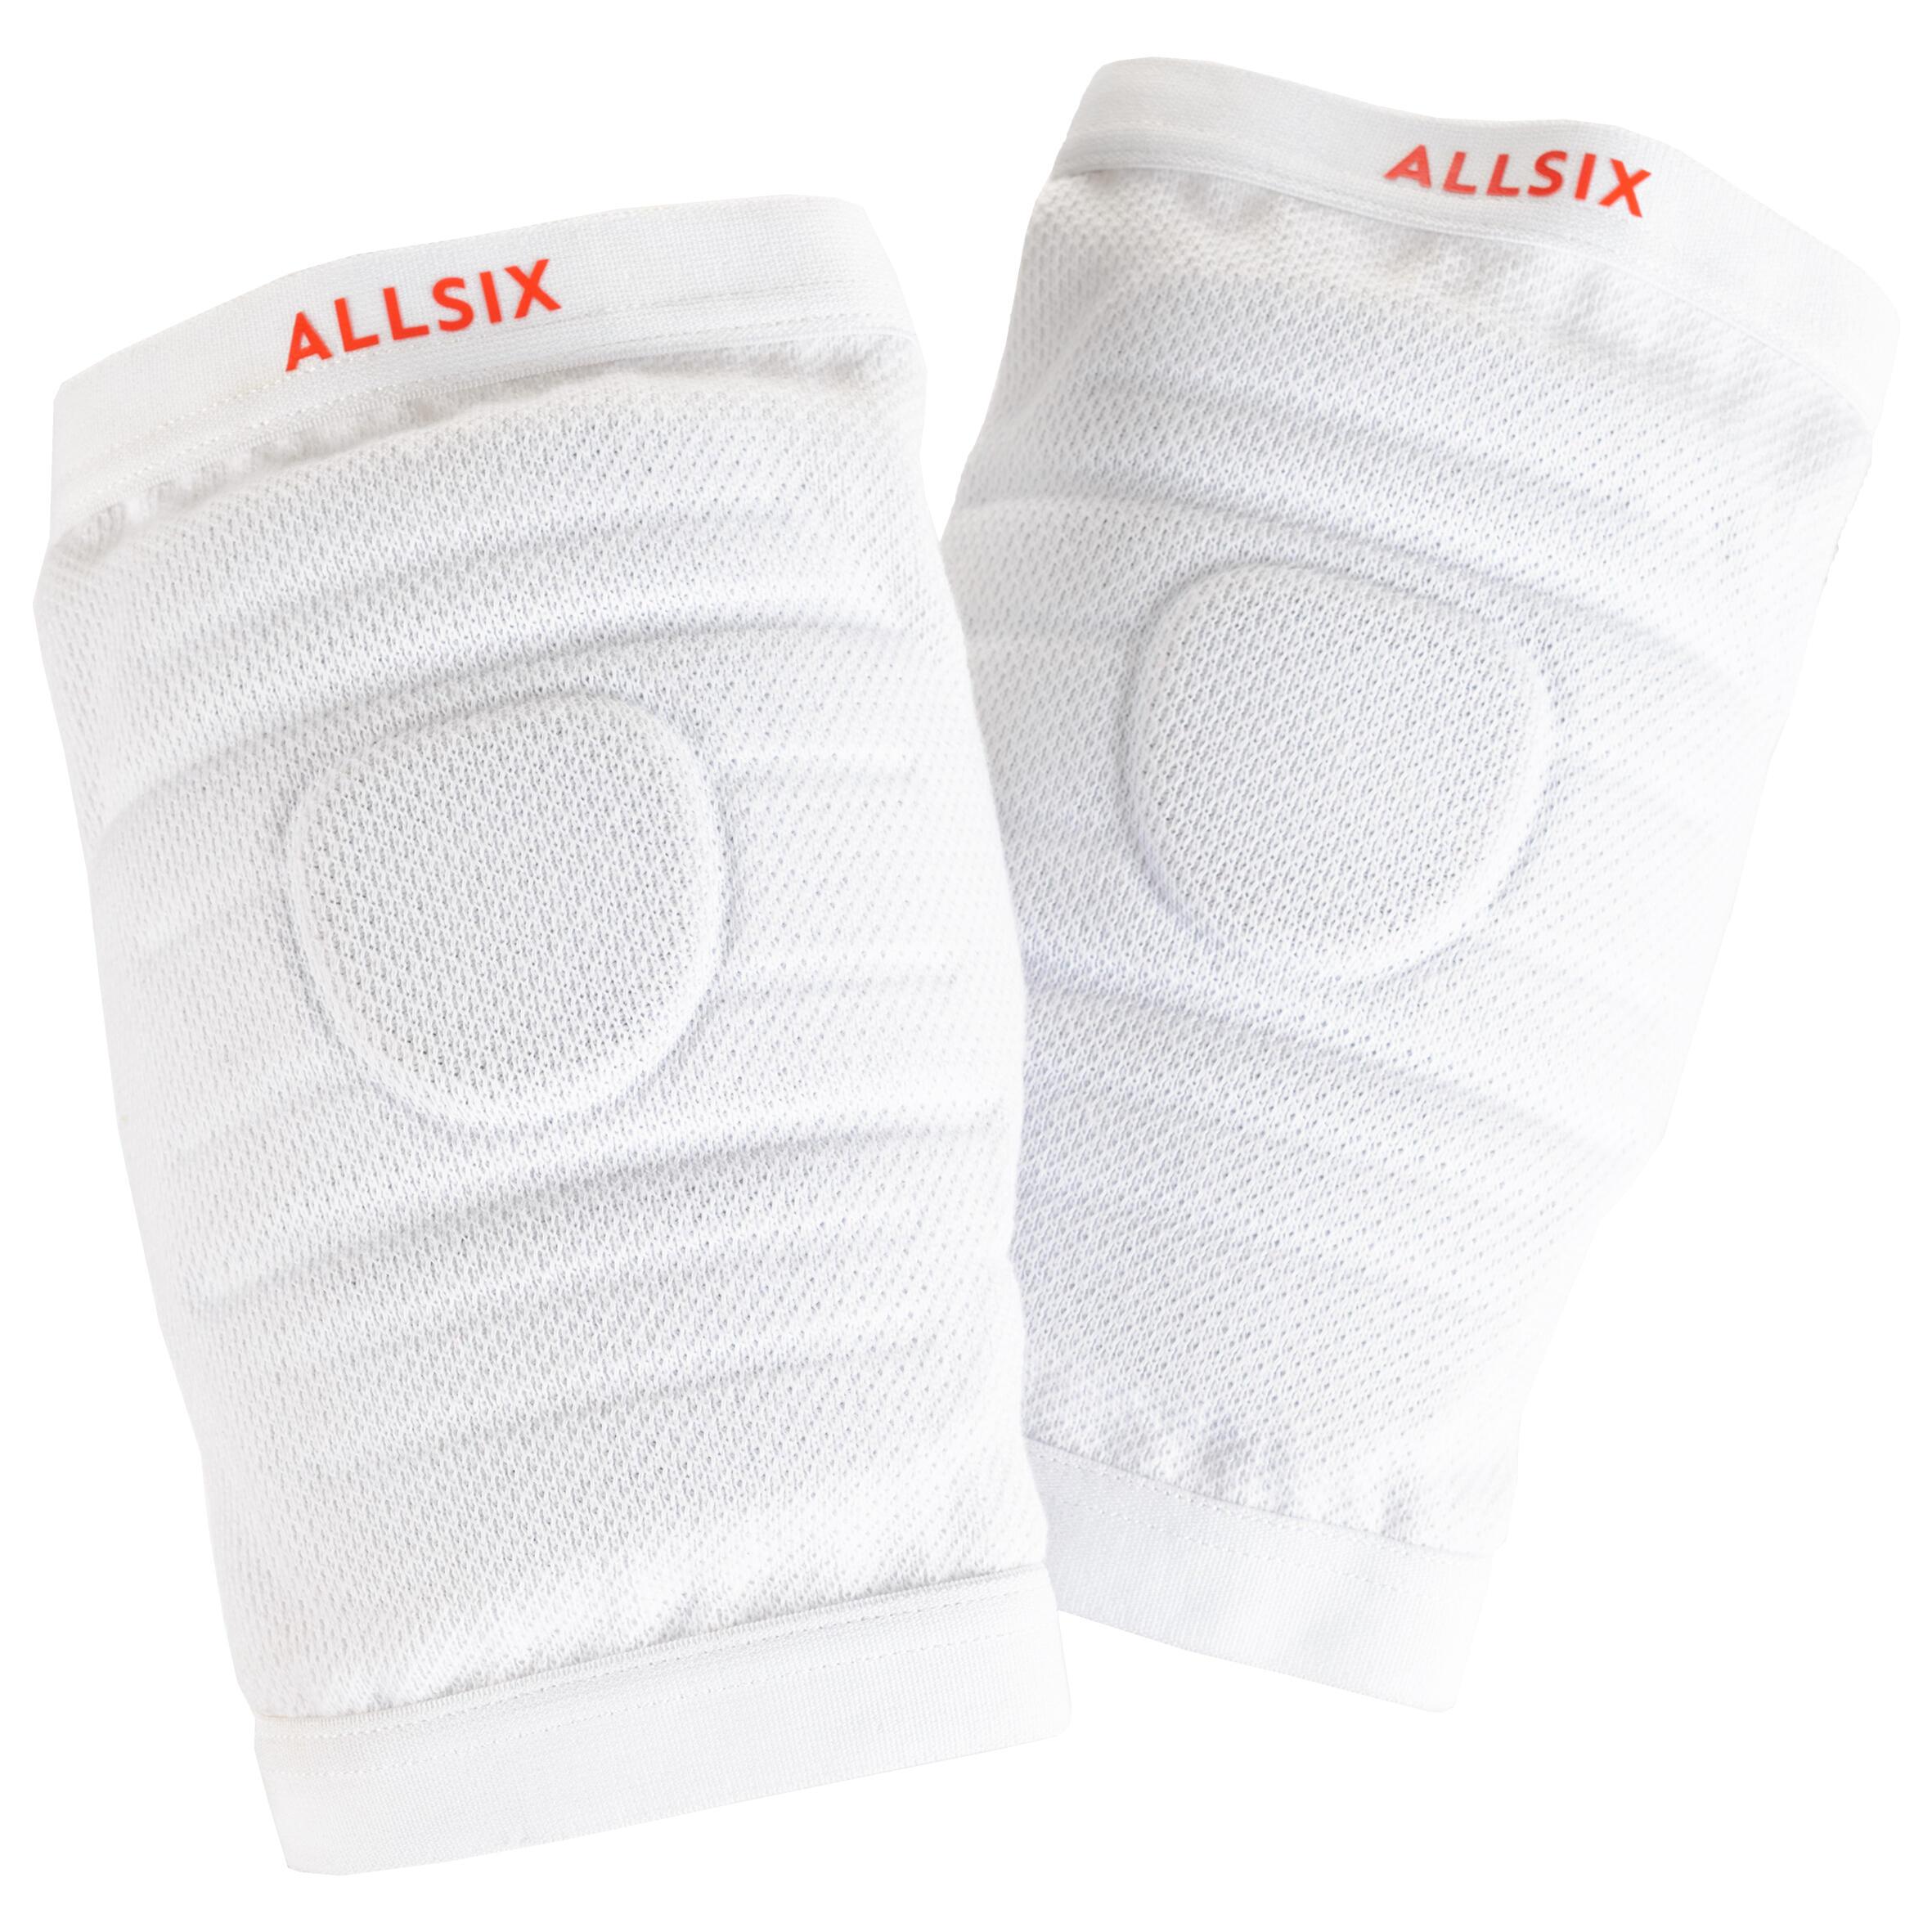 Allsix Kniebeschermers volleybal V900